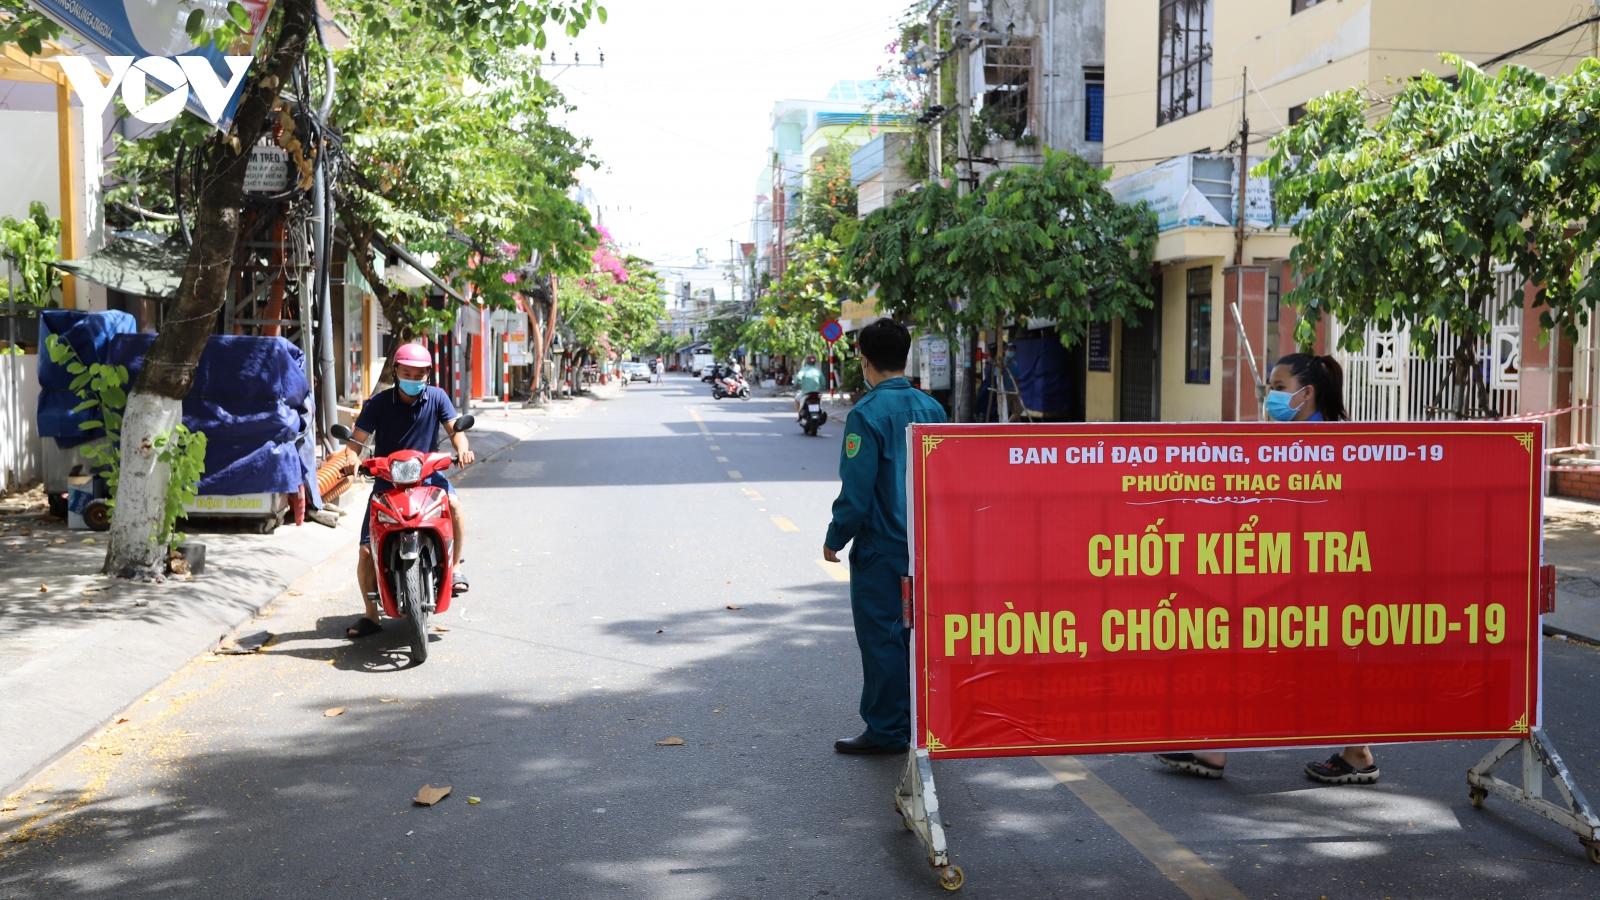 Ngày đầu tiên Đà Nẵng thực hiện giãn cách: Người dân đã hạn chế ra đường